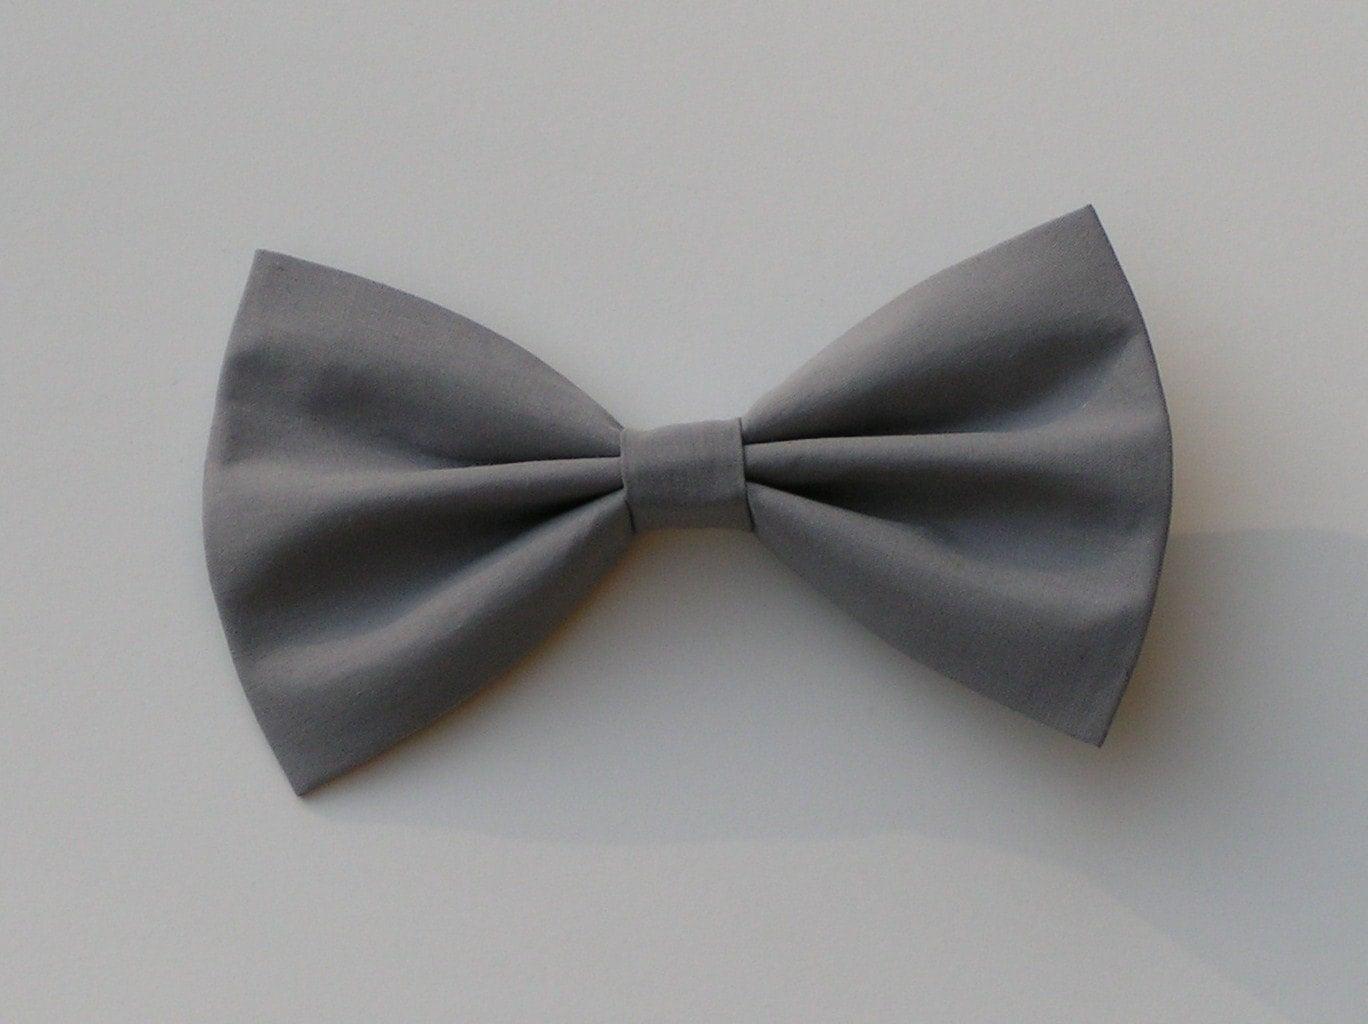 Black bow hair accessories - Grey Hair Bow Hair Bows For Girls Girls Hair Clips